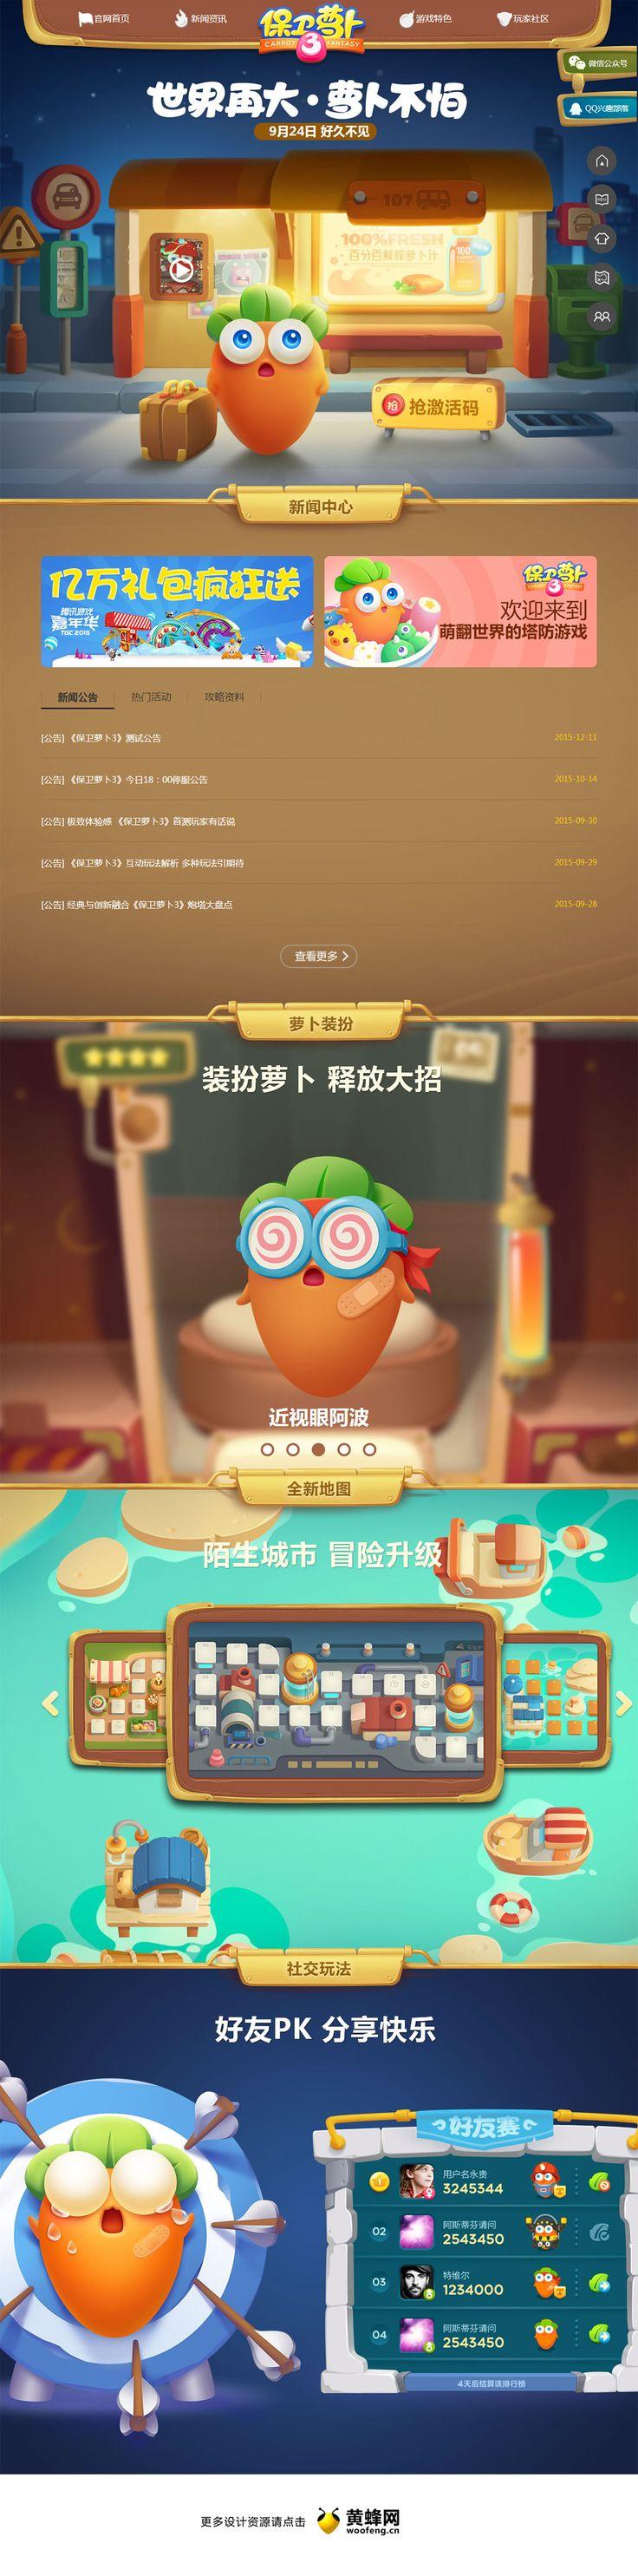 保卫萝卜3官方网站,来源自黄蜂网http://woofeng.cn/